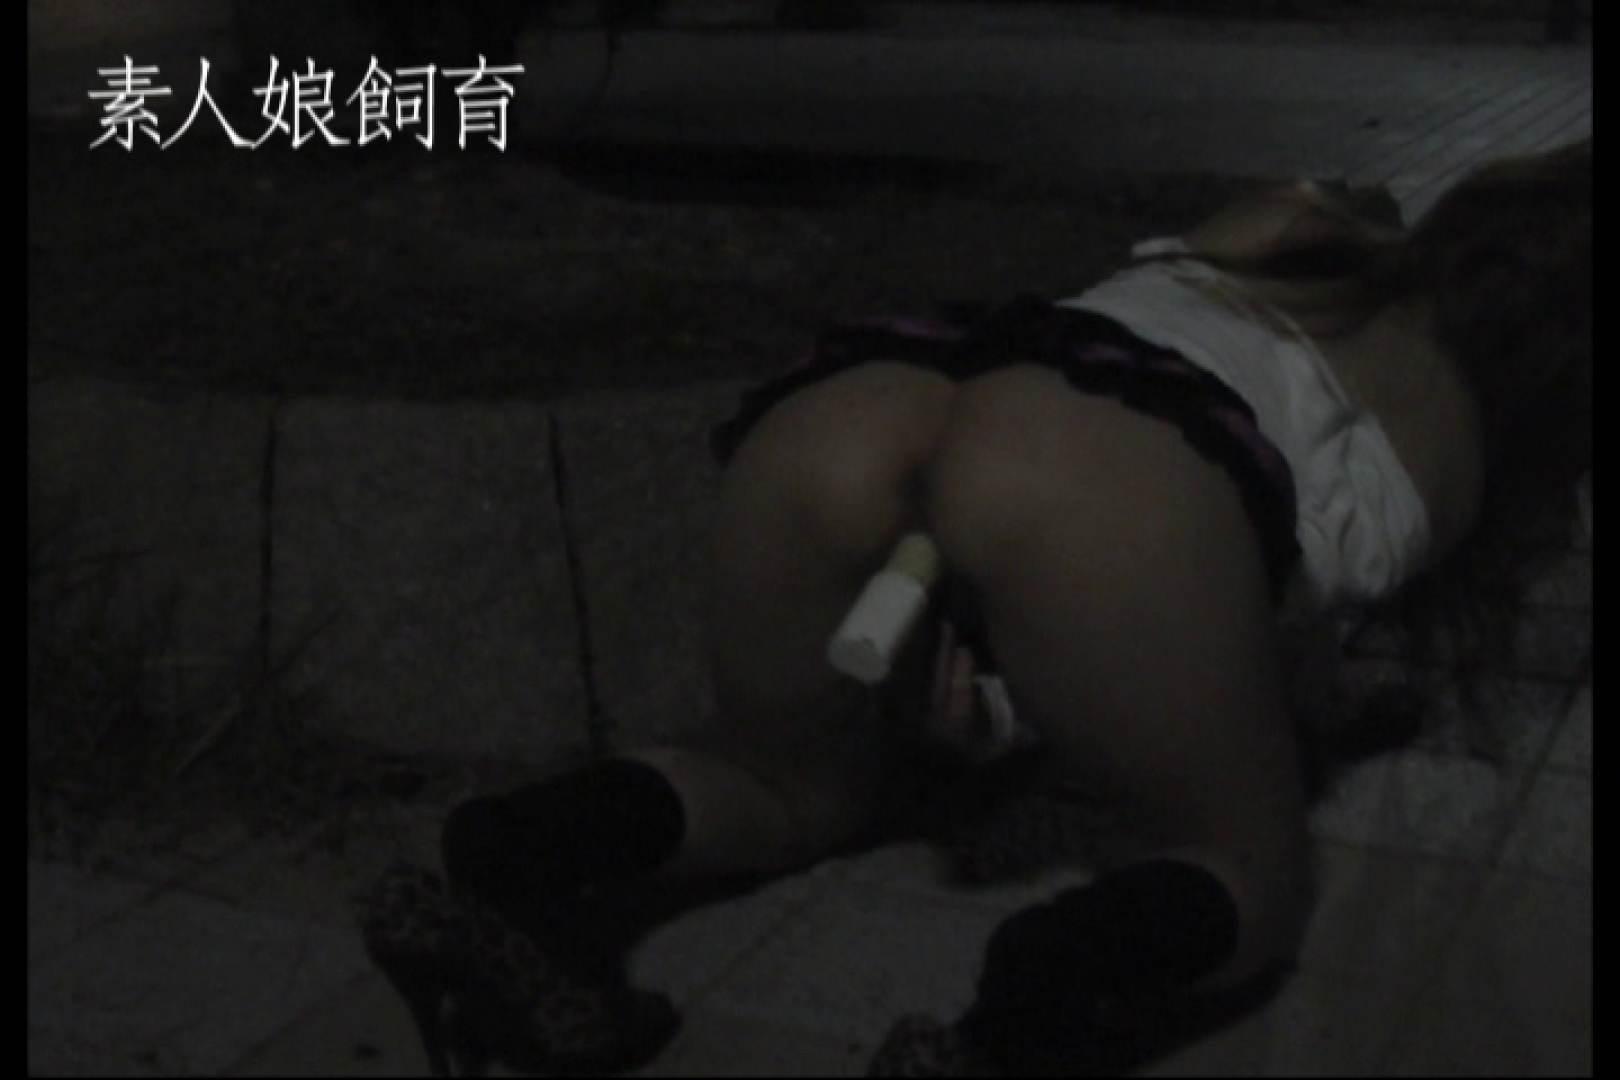 素人娘飼育~お前の餌は他人棒~公園でバイブとお漏らし 一般投稿 盗み撮り動画 77pic 7